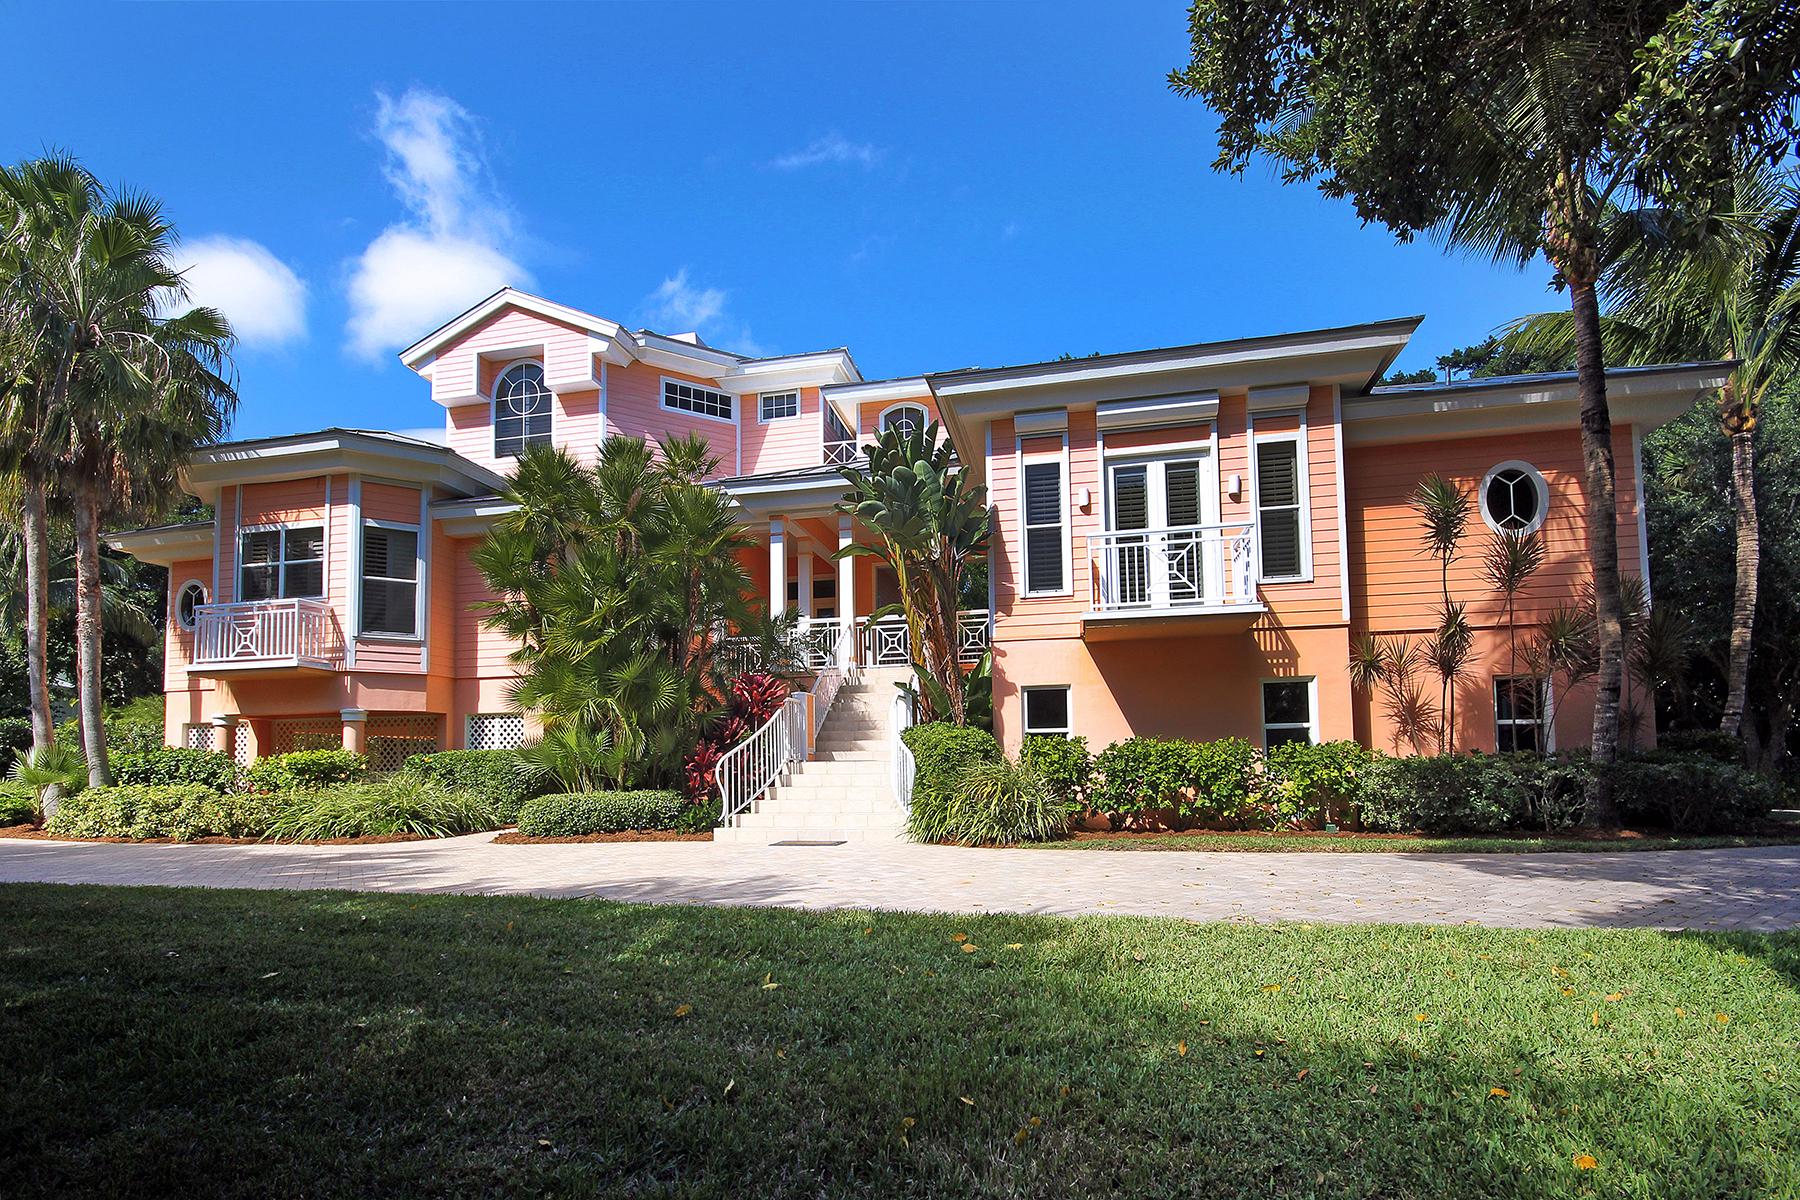 Moradia para Venda às CAPTIVA 11530 Paige Ct Captiva, Florida 33924 Estados Unidos